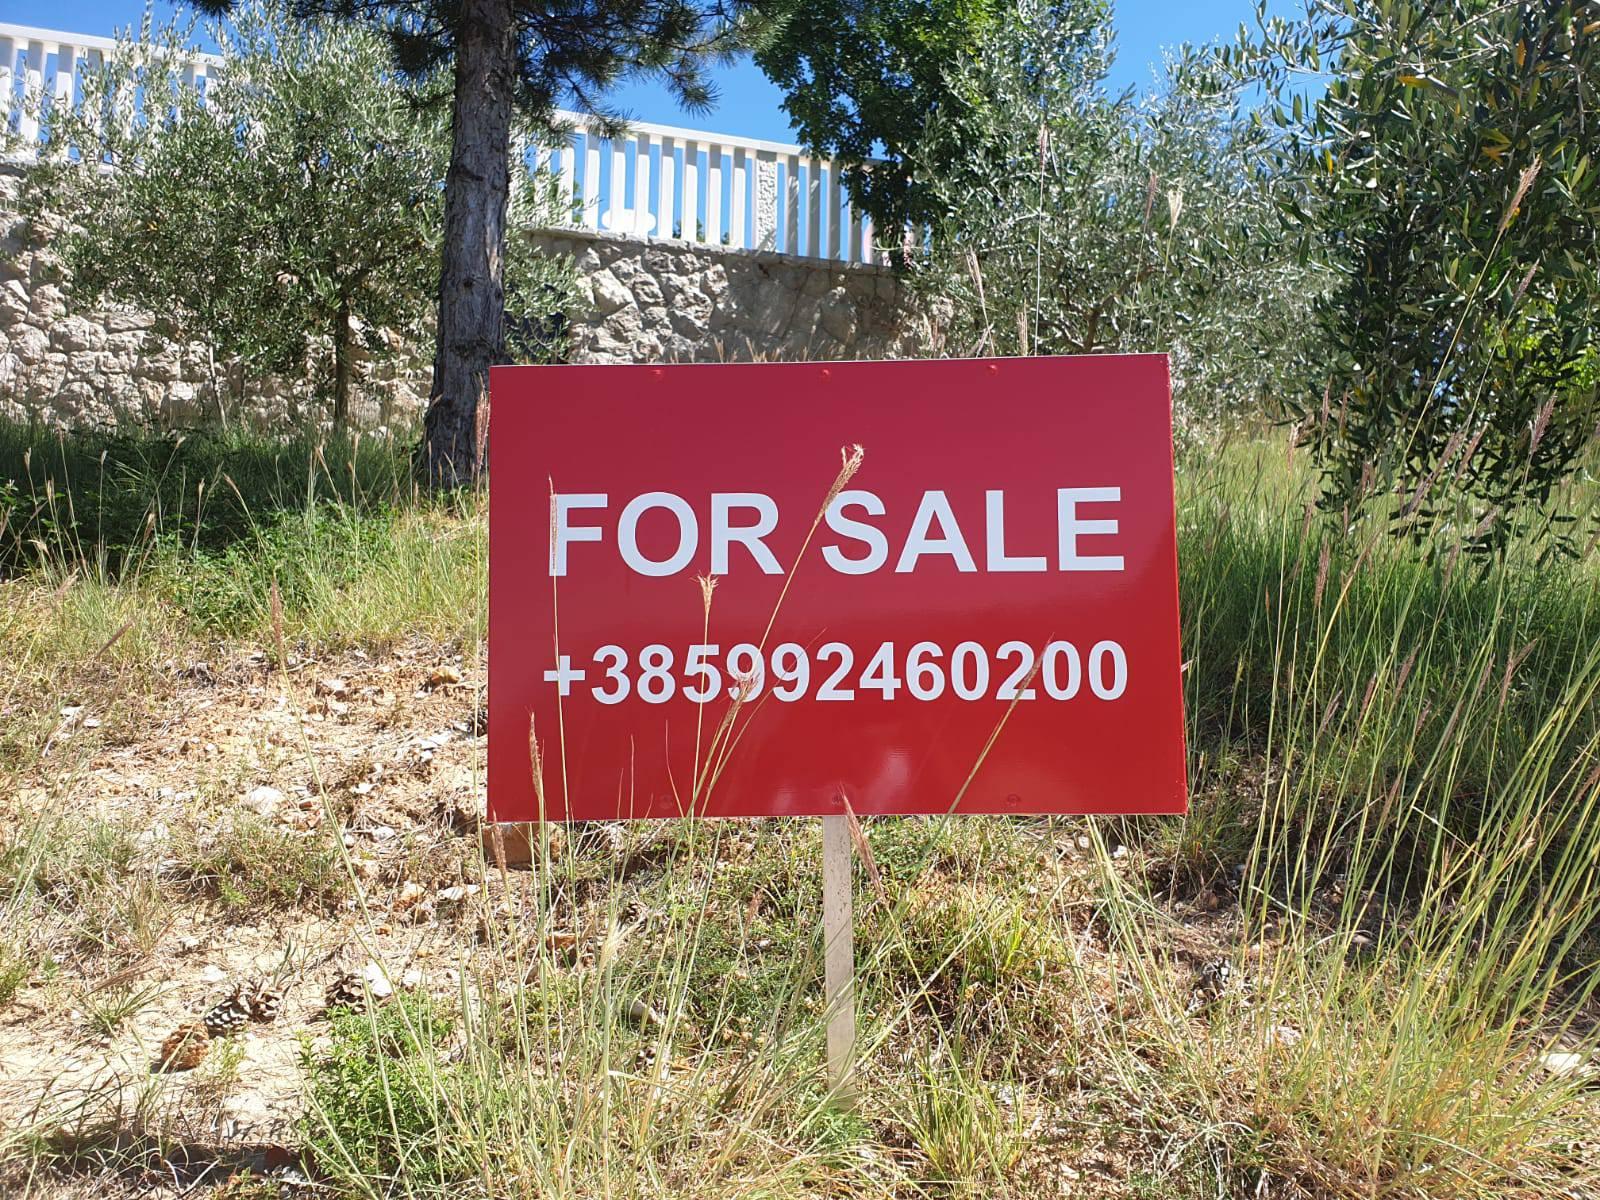 Glavaš prodaje vilu: Ugostio je Mamića u njoj, doći će i Škoro